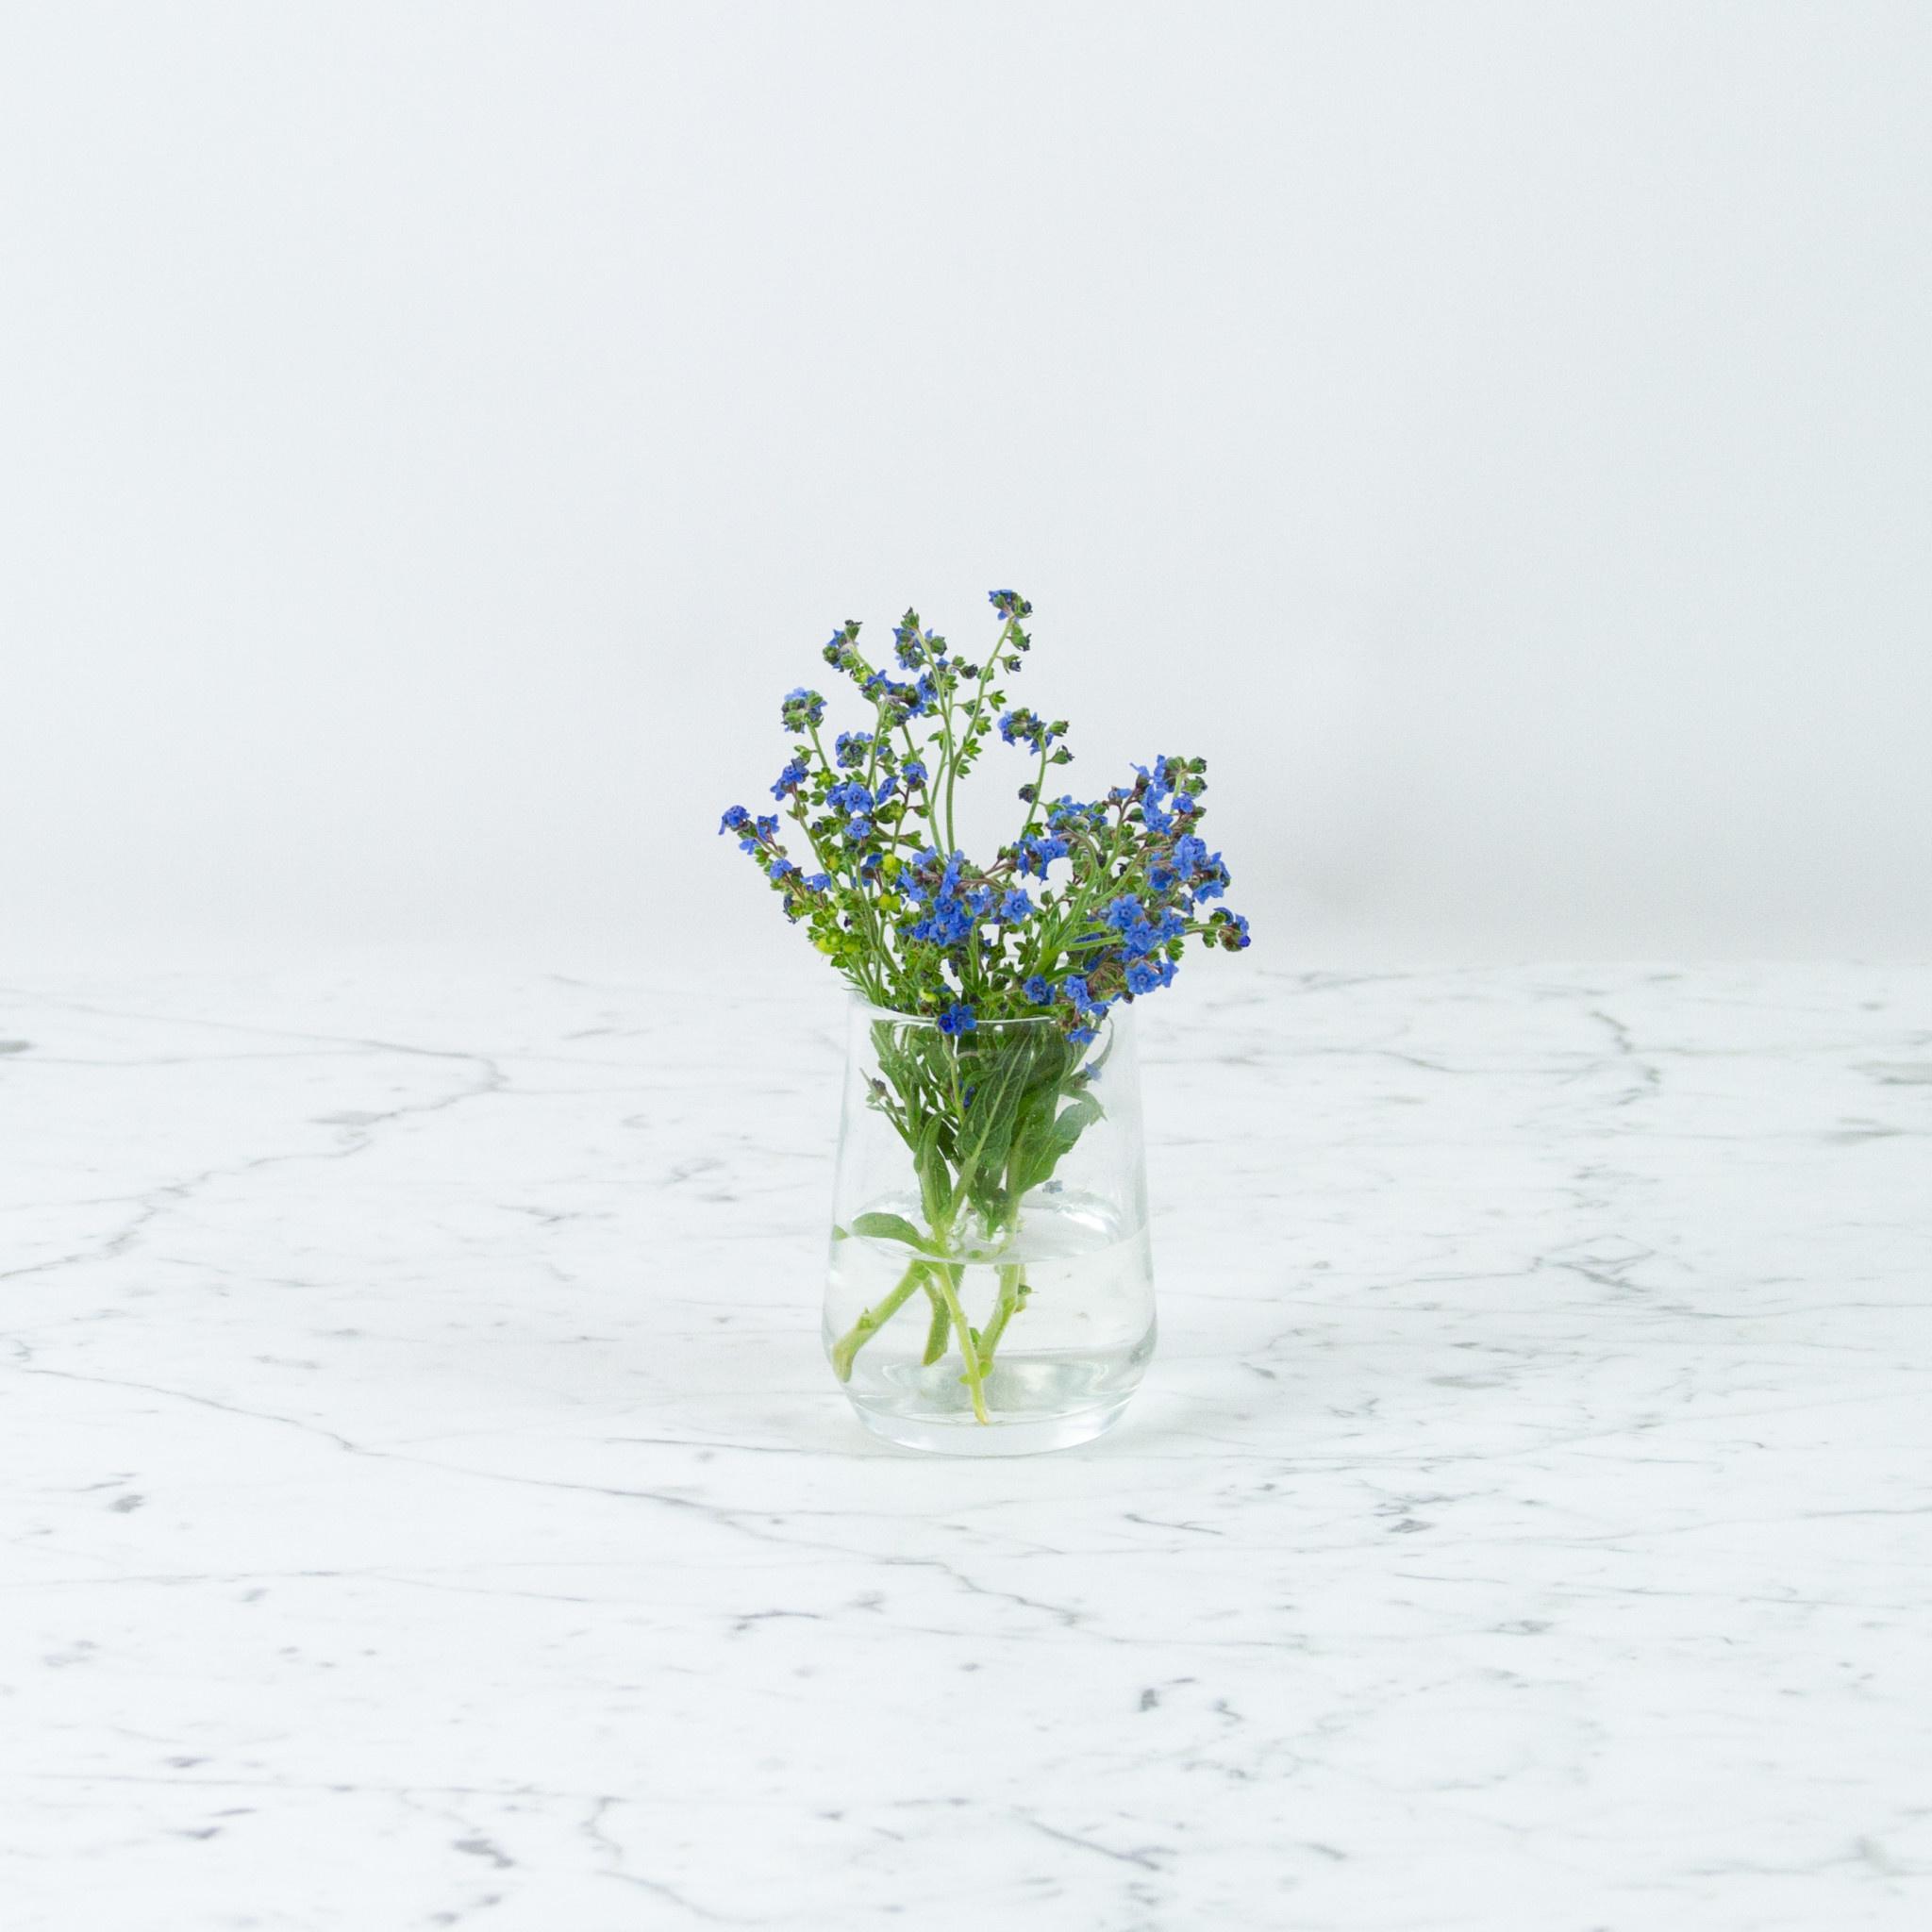 Henry Dean Handblown Clementine Vase - Small